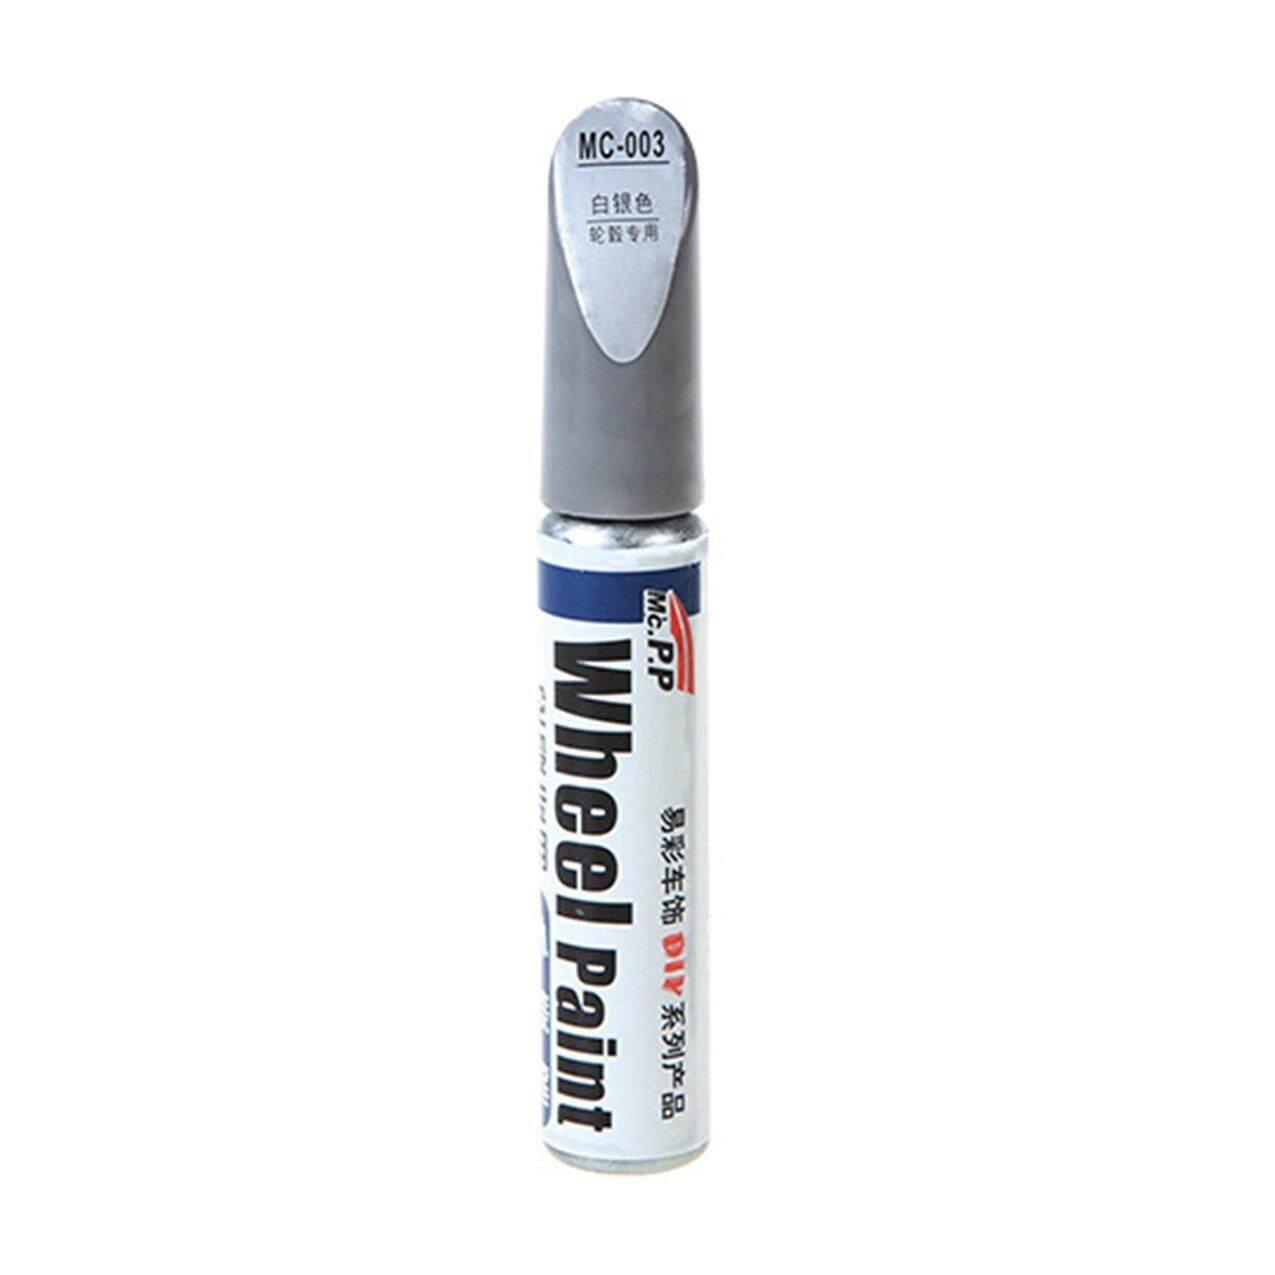 Crazy Sale Car Wheel Scratch Repair Touch Up Pen Aluminum Alloy White Touch Up Paint